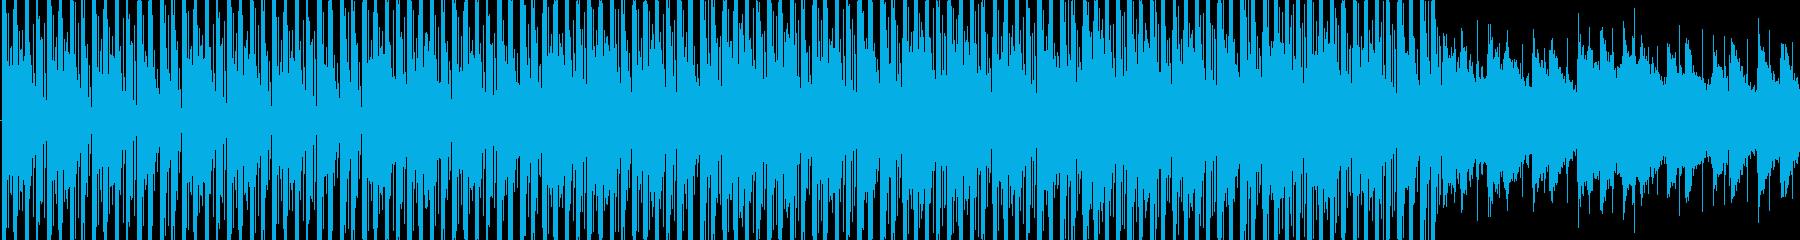 爽やかな空のイメージのBGM_LOOPの再生済みの波形